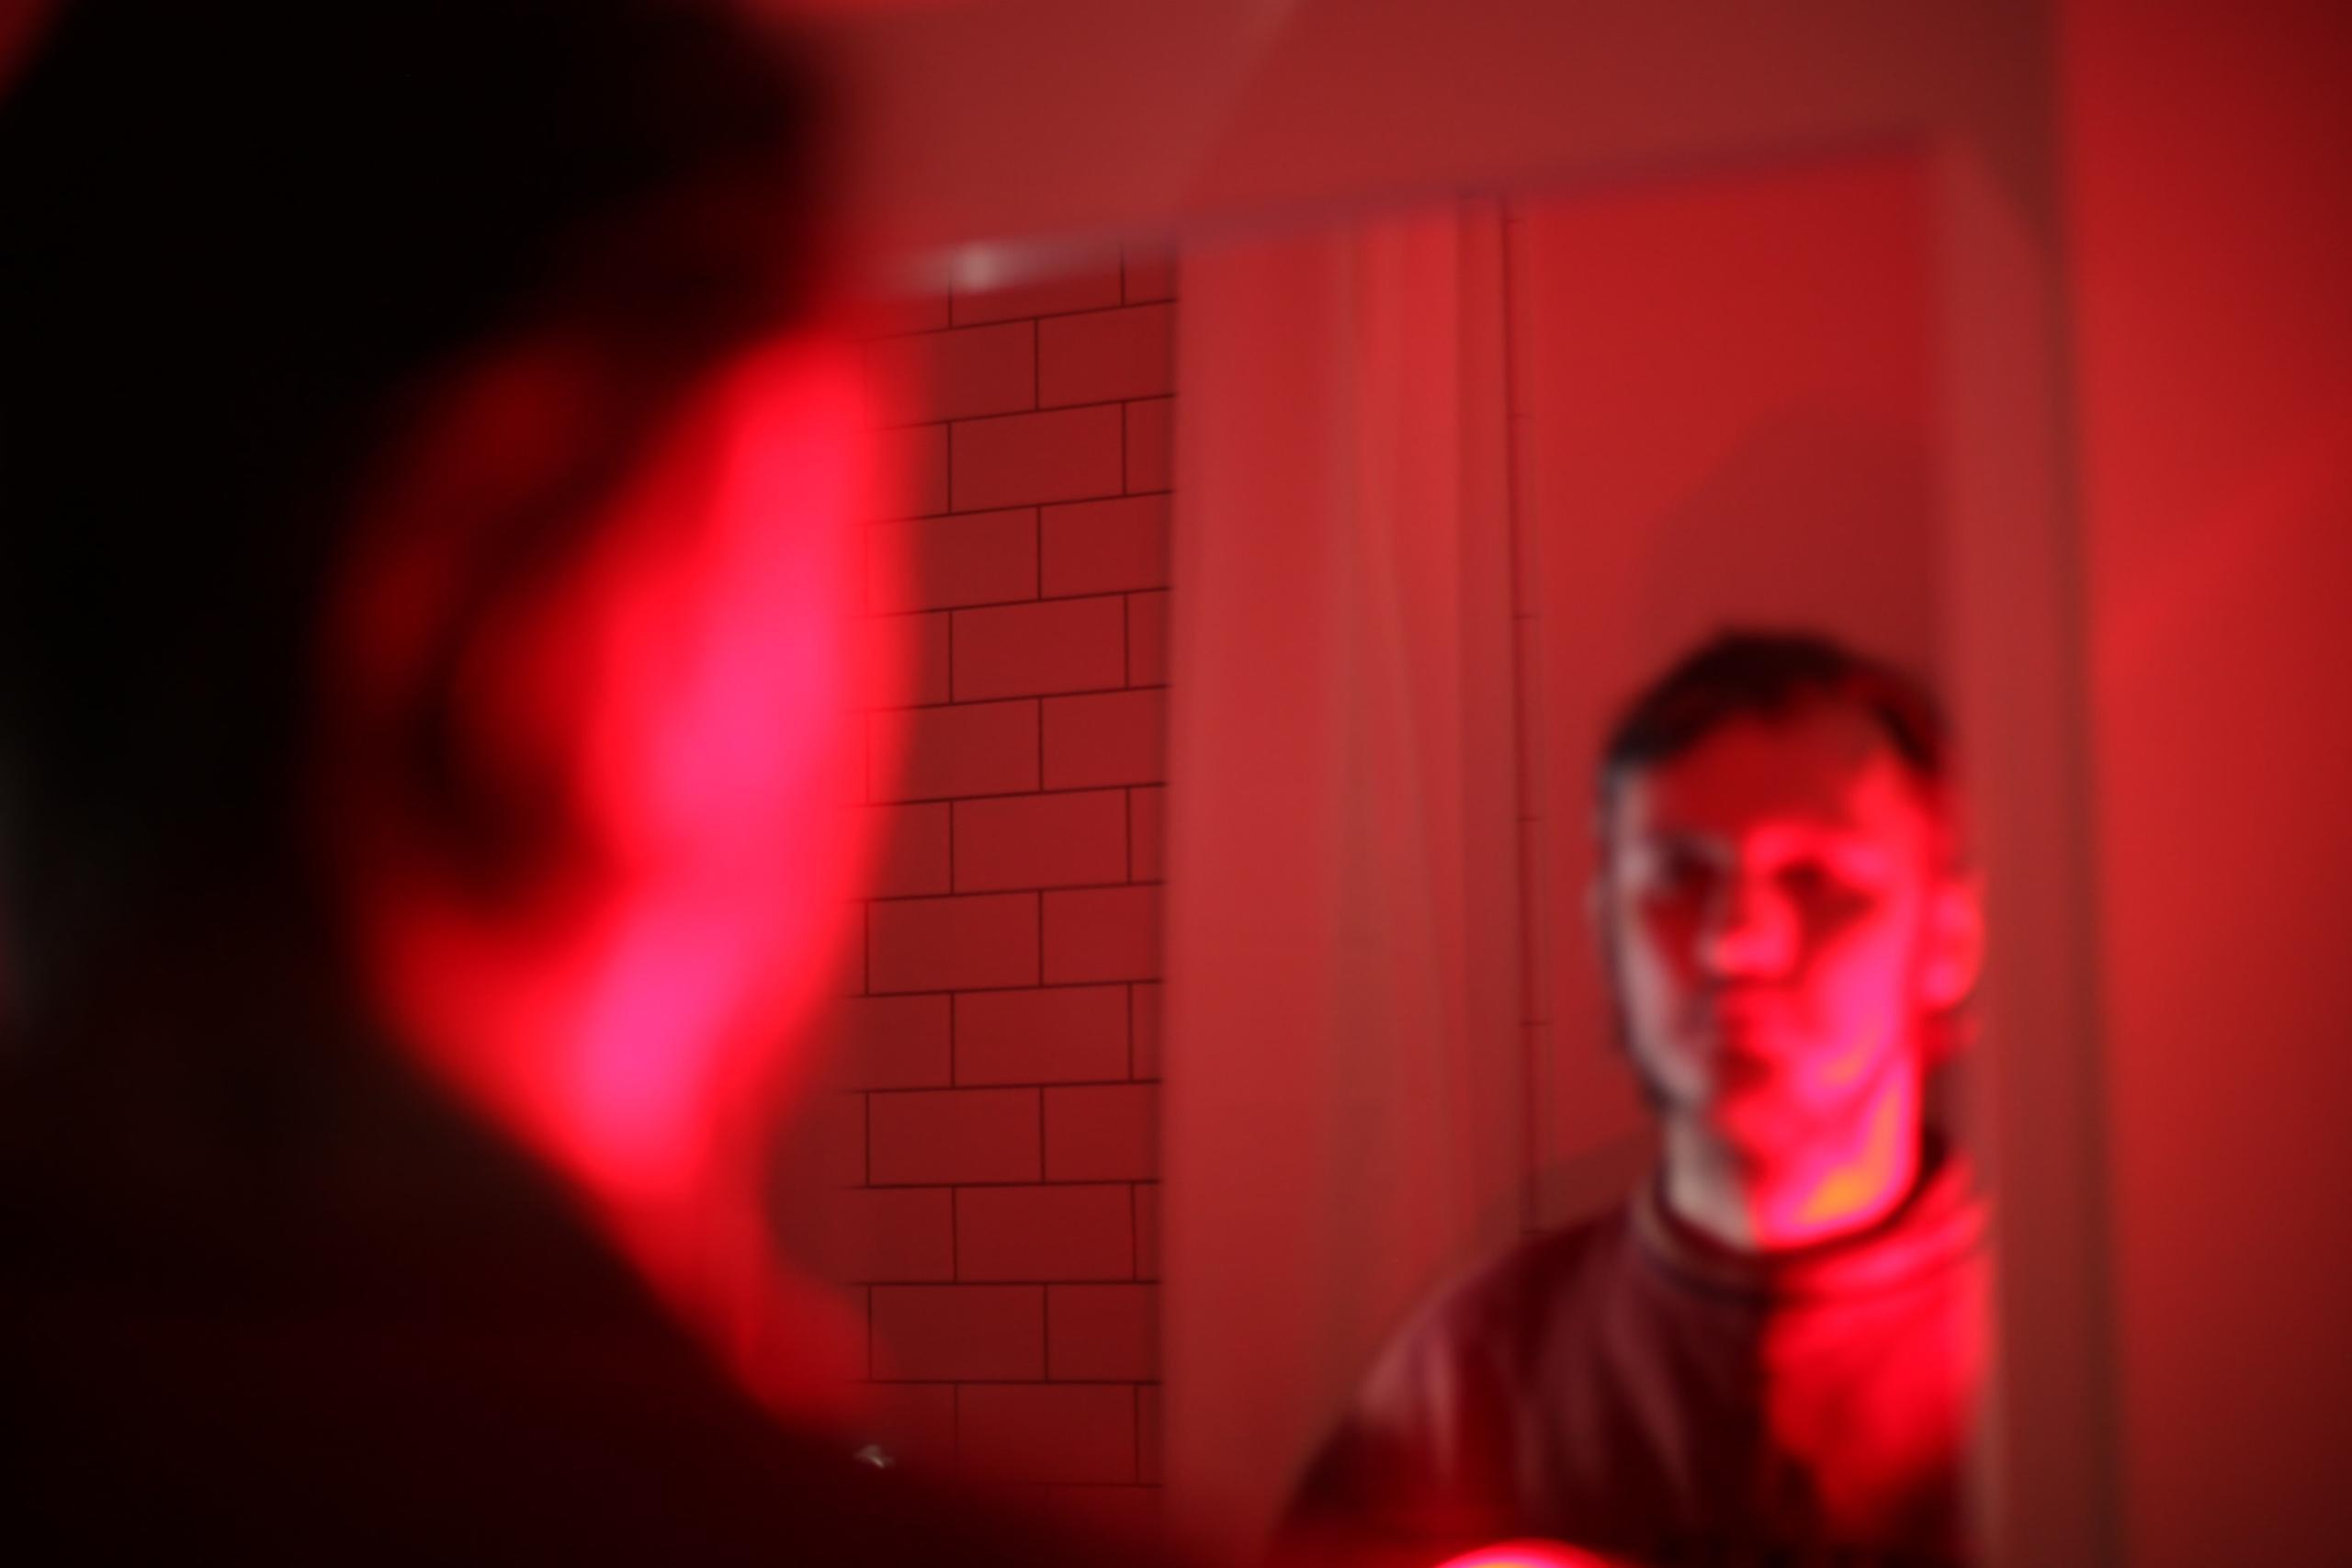 man looking at reflection